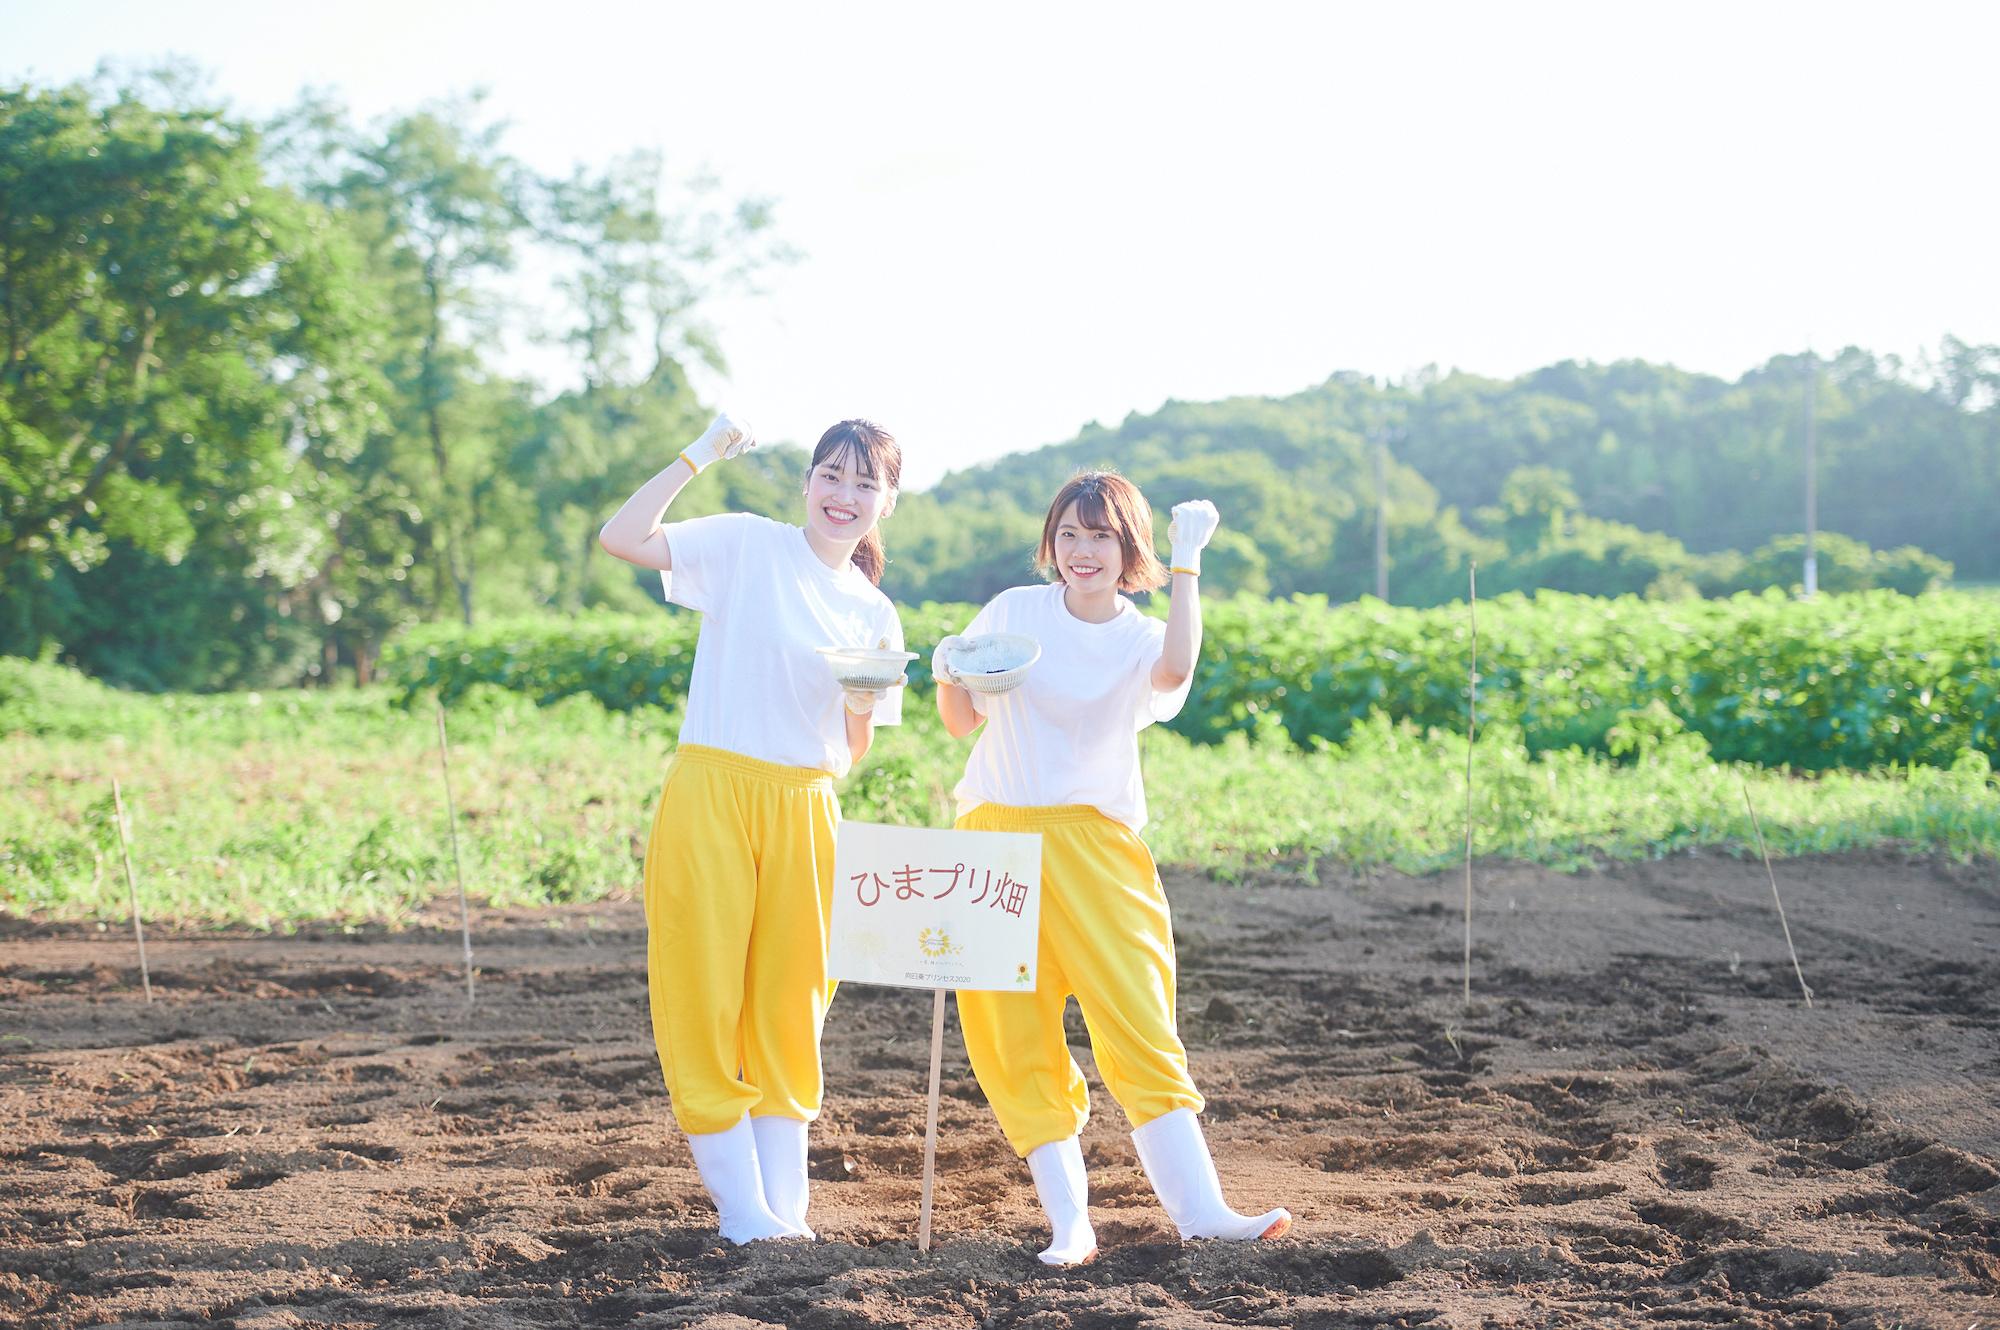 大﨏このみ(左)、葛西蘭(右)でひまプリ畑にひまわりの種を植えた